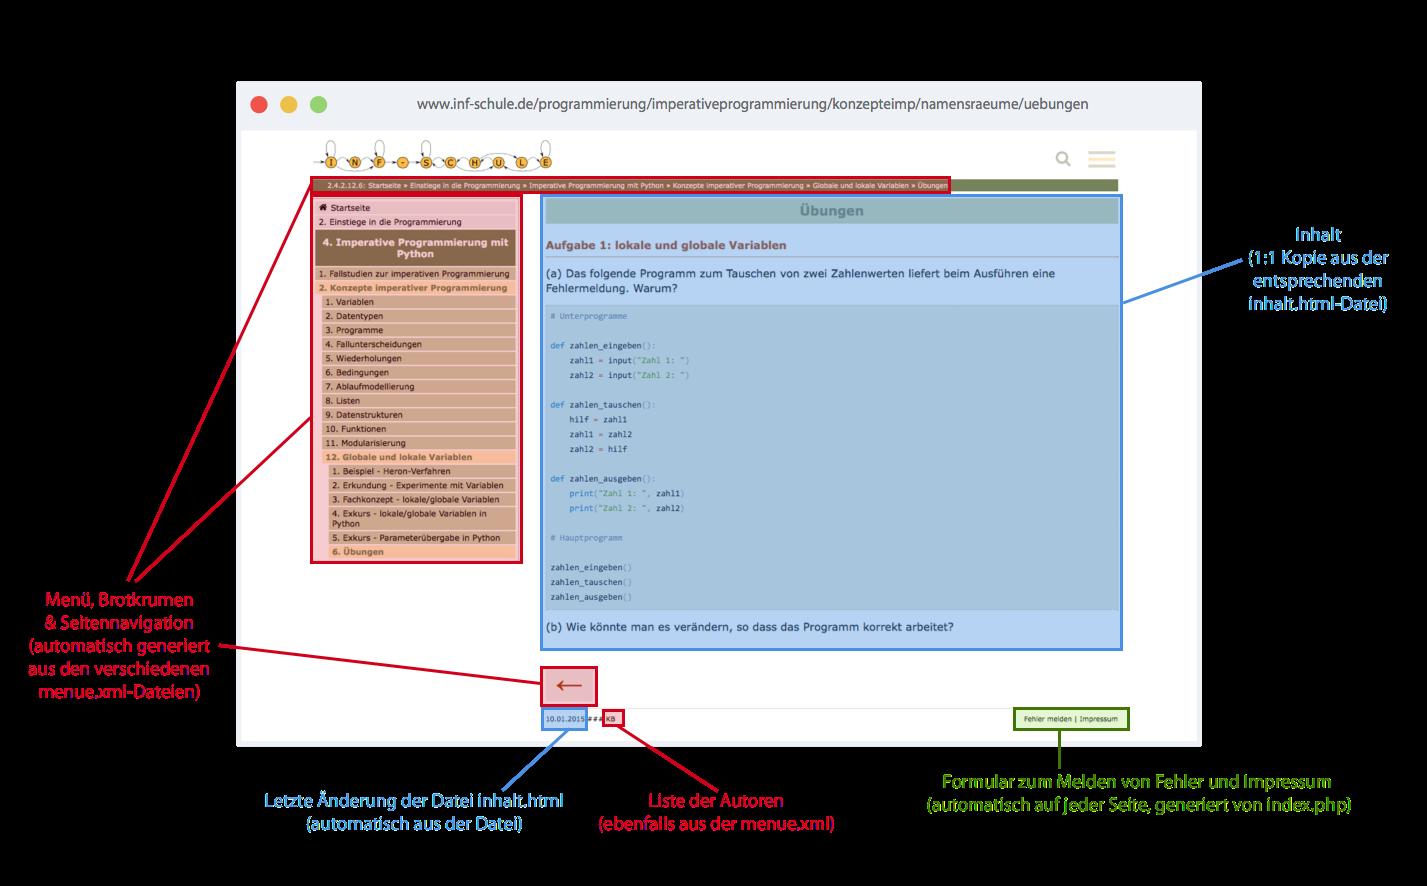 Alle Seitenbereiche einer Einzelseite von inf-schule annotiert mit den Quelldateien, aus denen sie erzeugt werden.